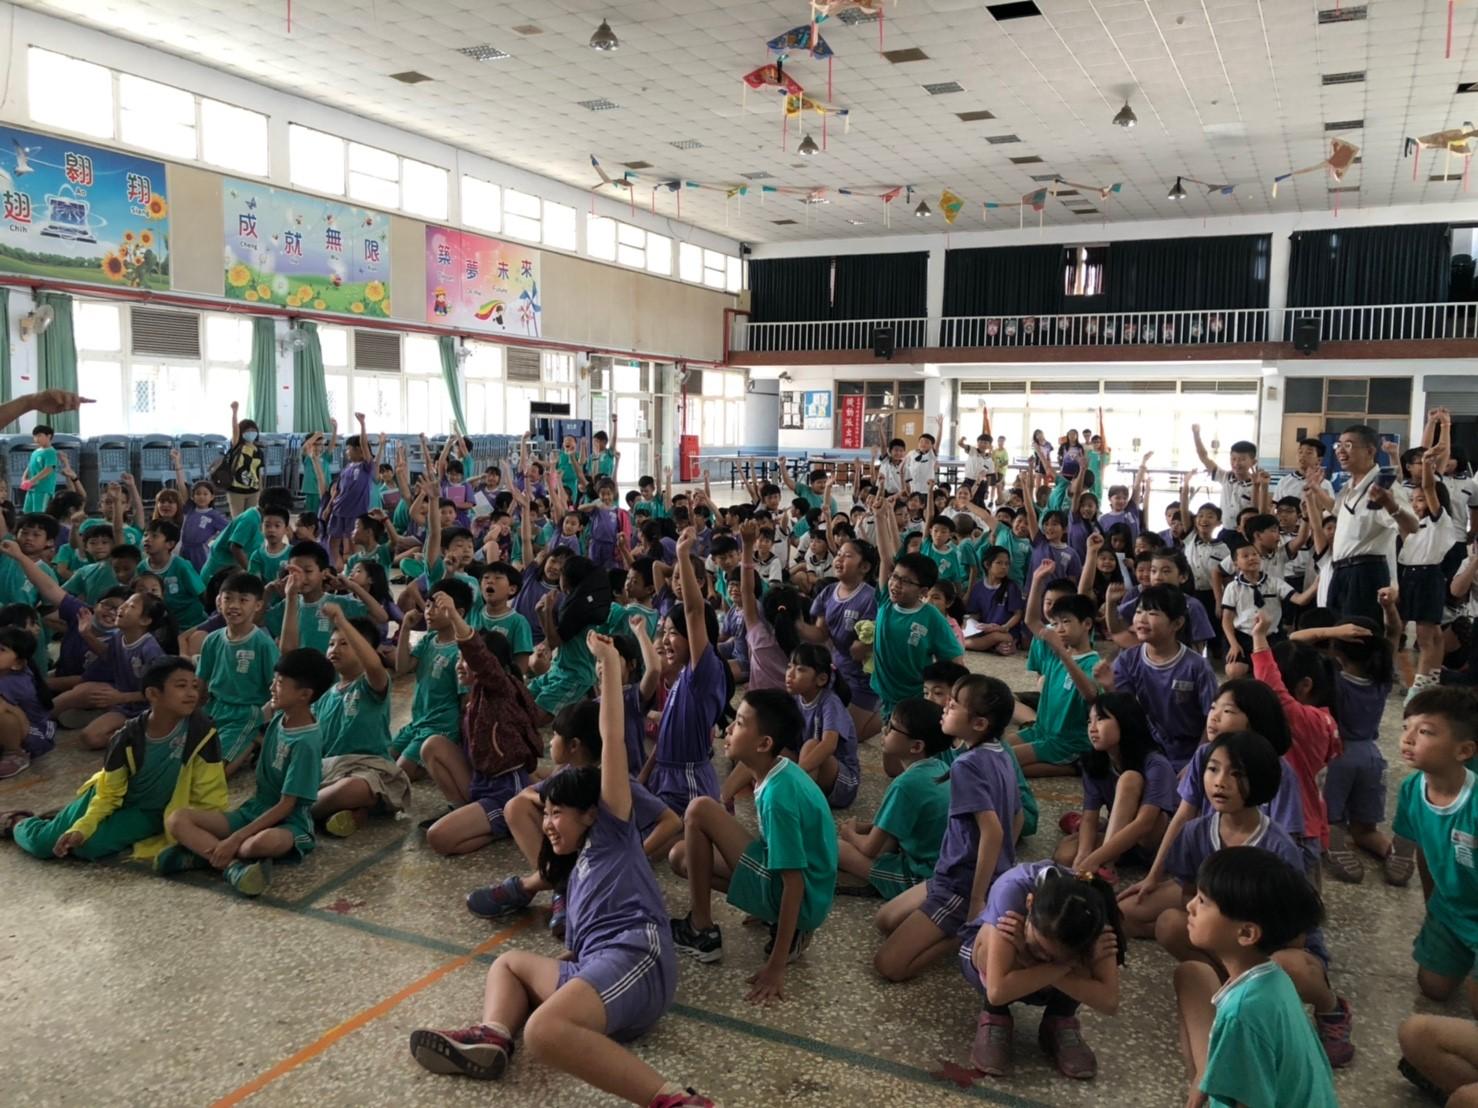 附加圖片,用電安全實地推廣活動-台南市